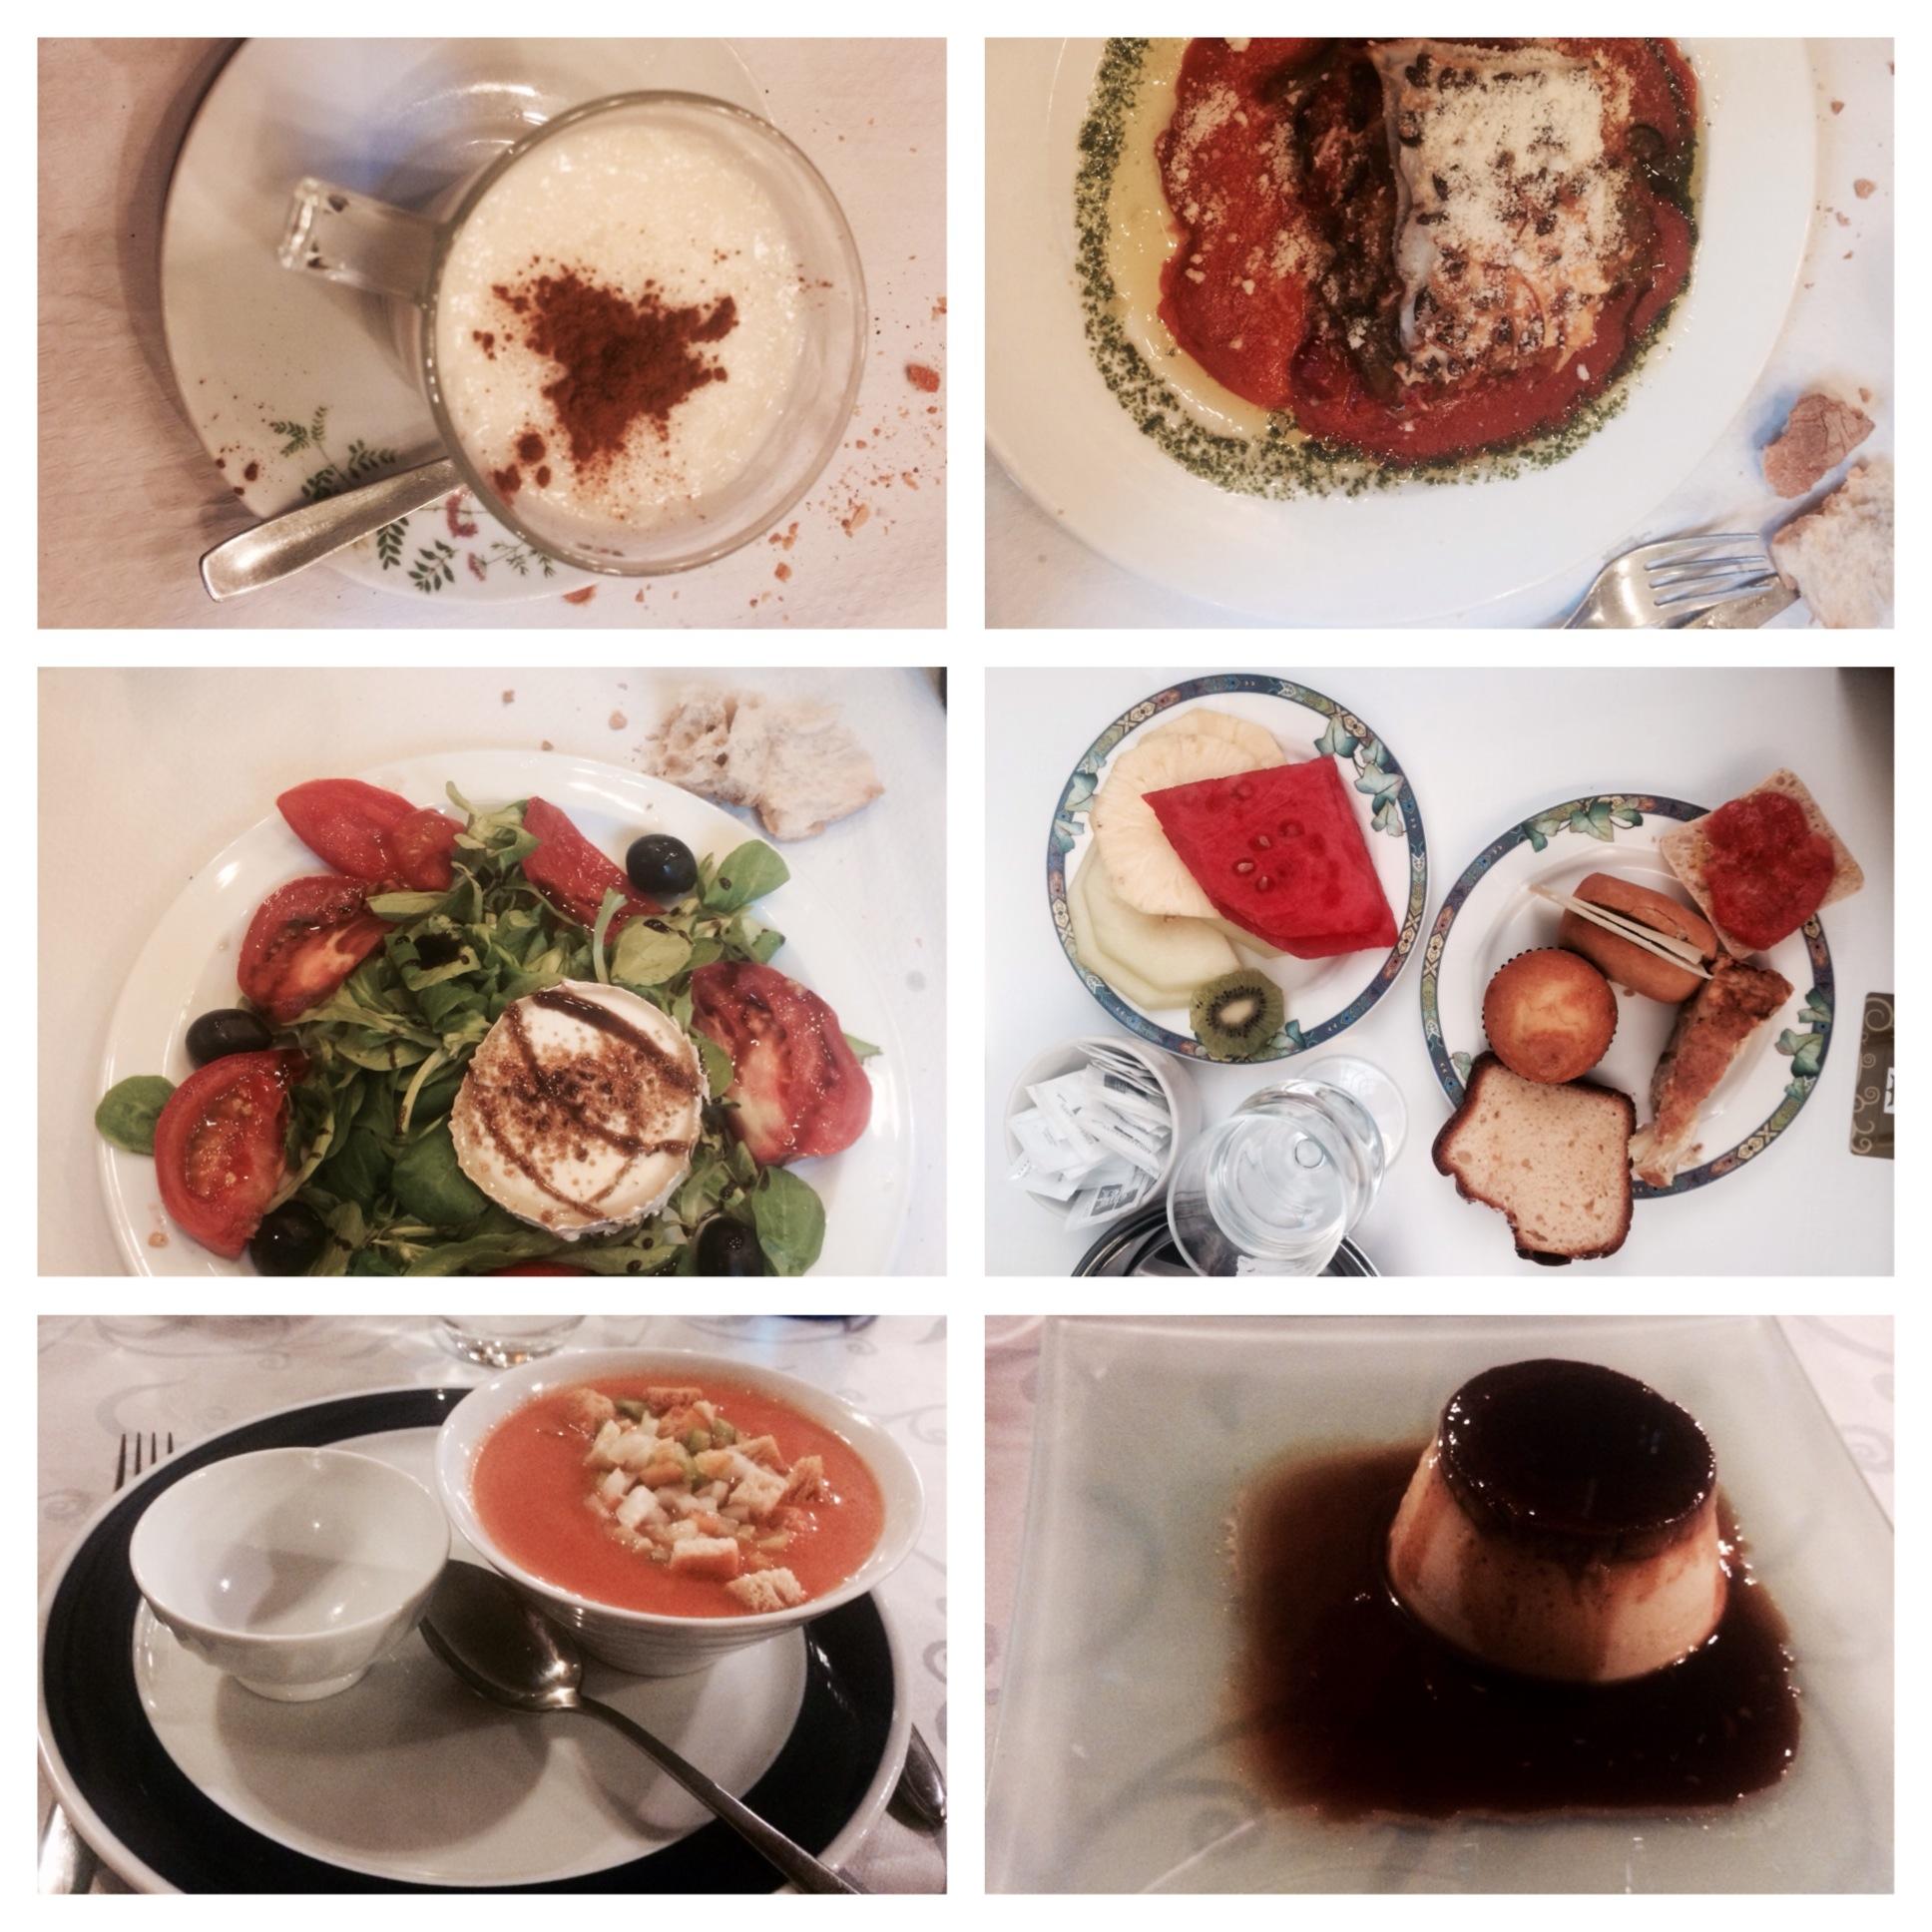 Arroz con leche, lasagna, e nsalada de queso de cabra , flan, gazpacho- it was all delicious and beautiful!